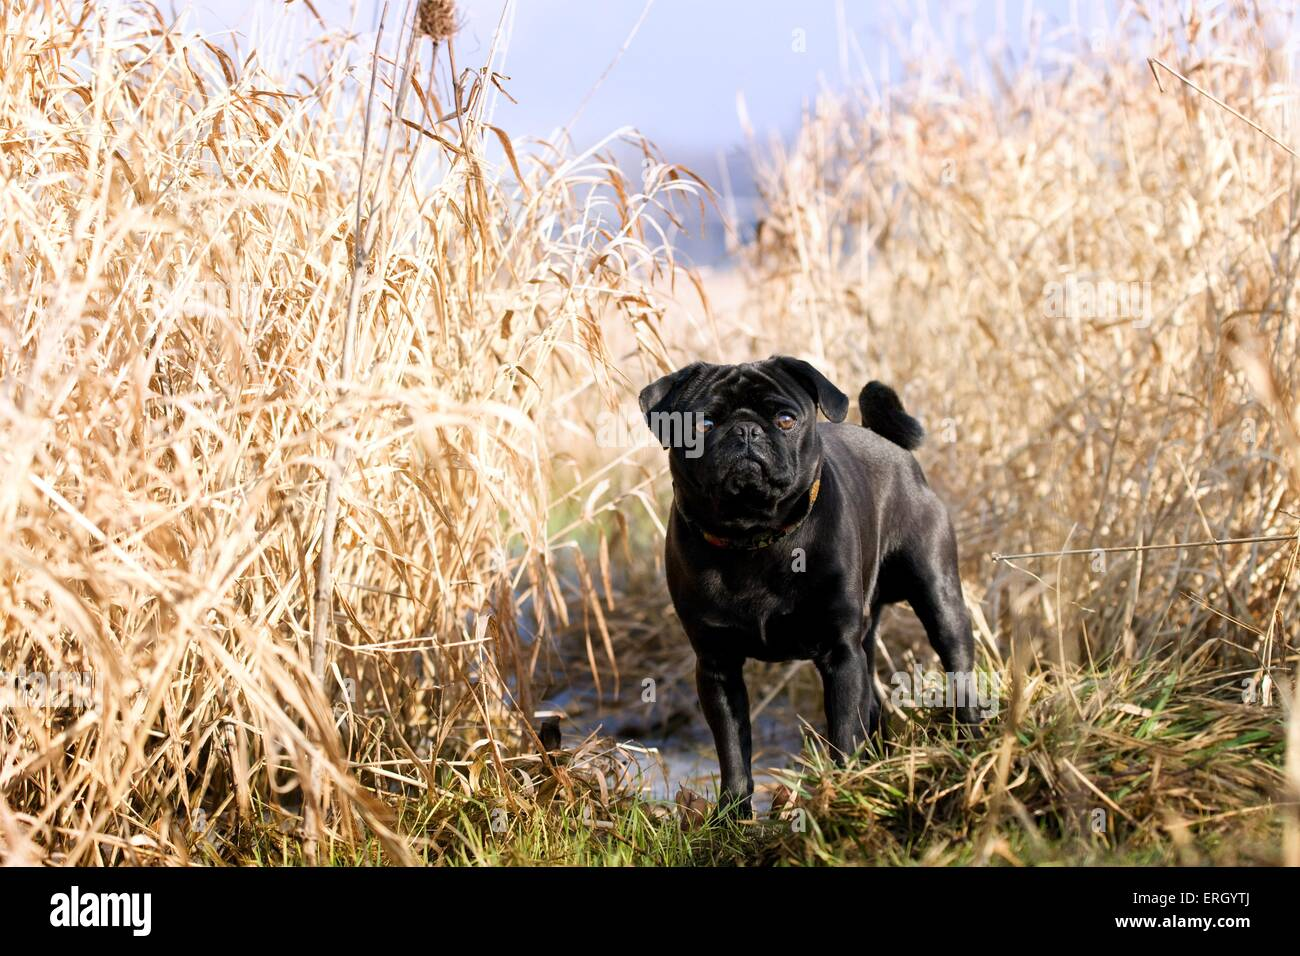 standing pug - Stock Image